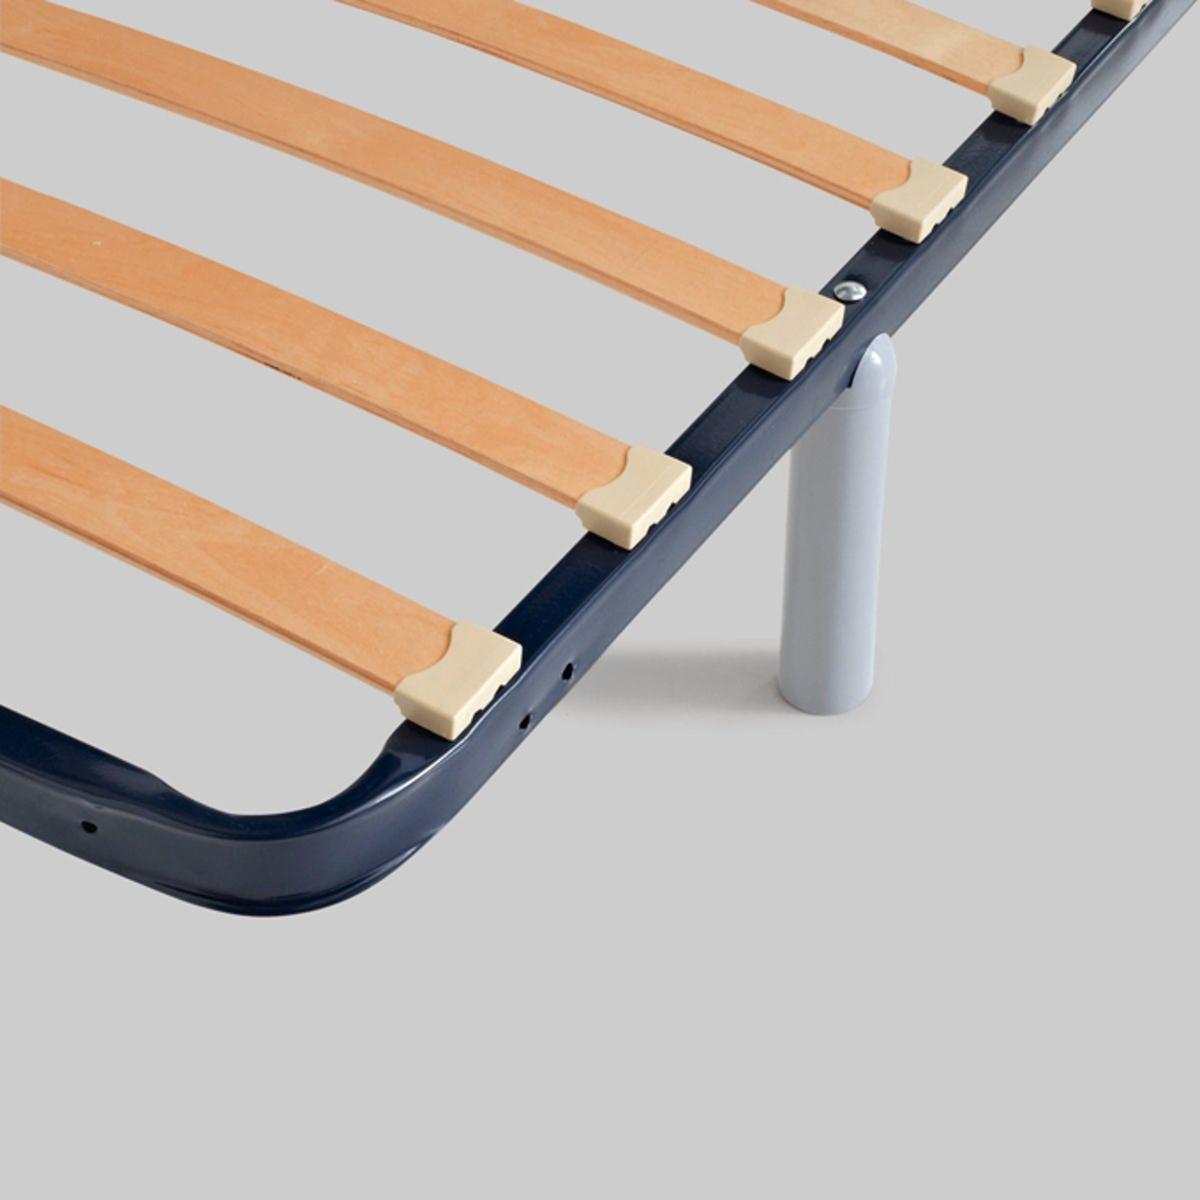 4 ножки для каркаса кровати4 ножки с системой креплений обеспечивают хорошую устойчивость основы под матрас. Сборка без инструментов. пластмассовые ножки, цвет серый металлик. . В22 см, ?50 мм.Для двойных основ под матрас заказывайте 2 набора из 4 ножек.<br><br>Цвет: серый